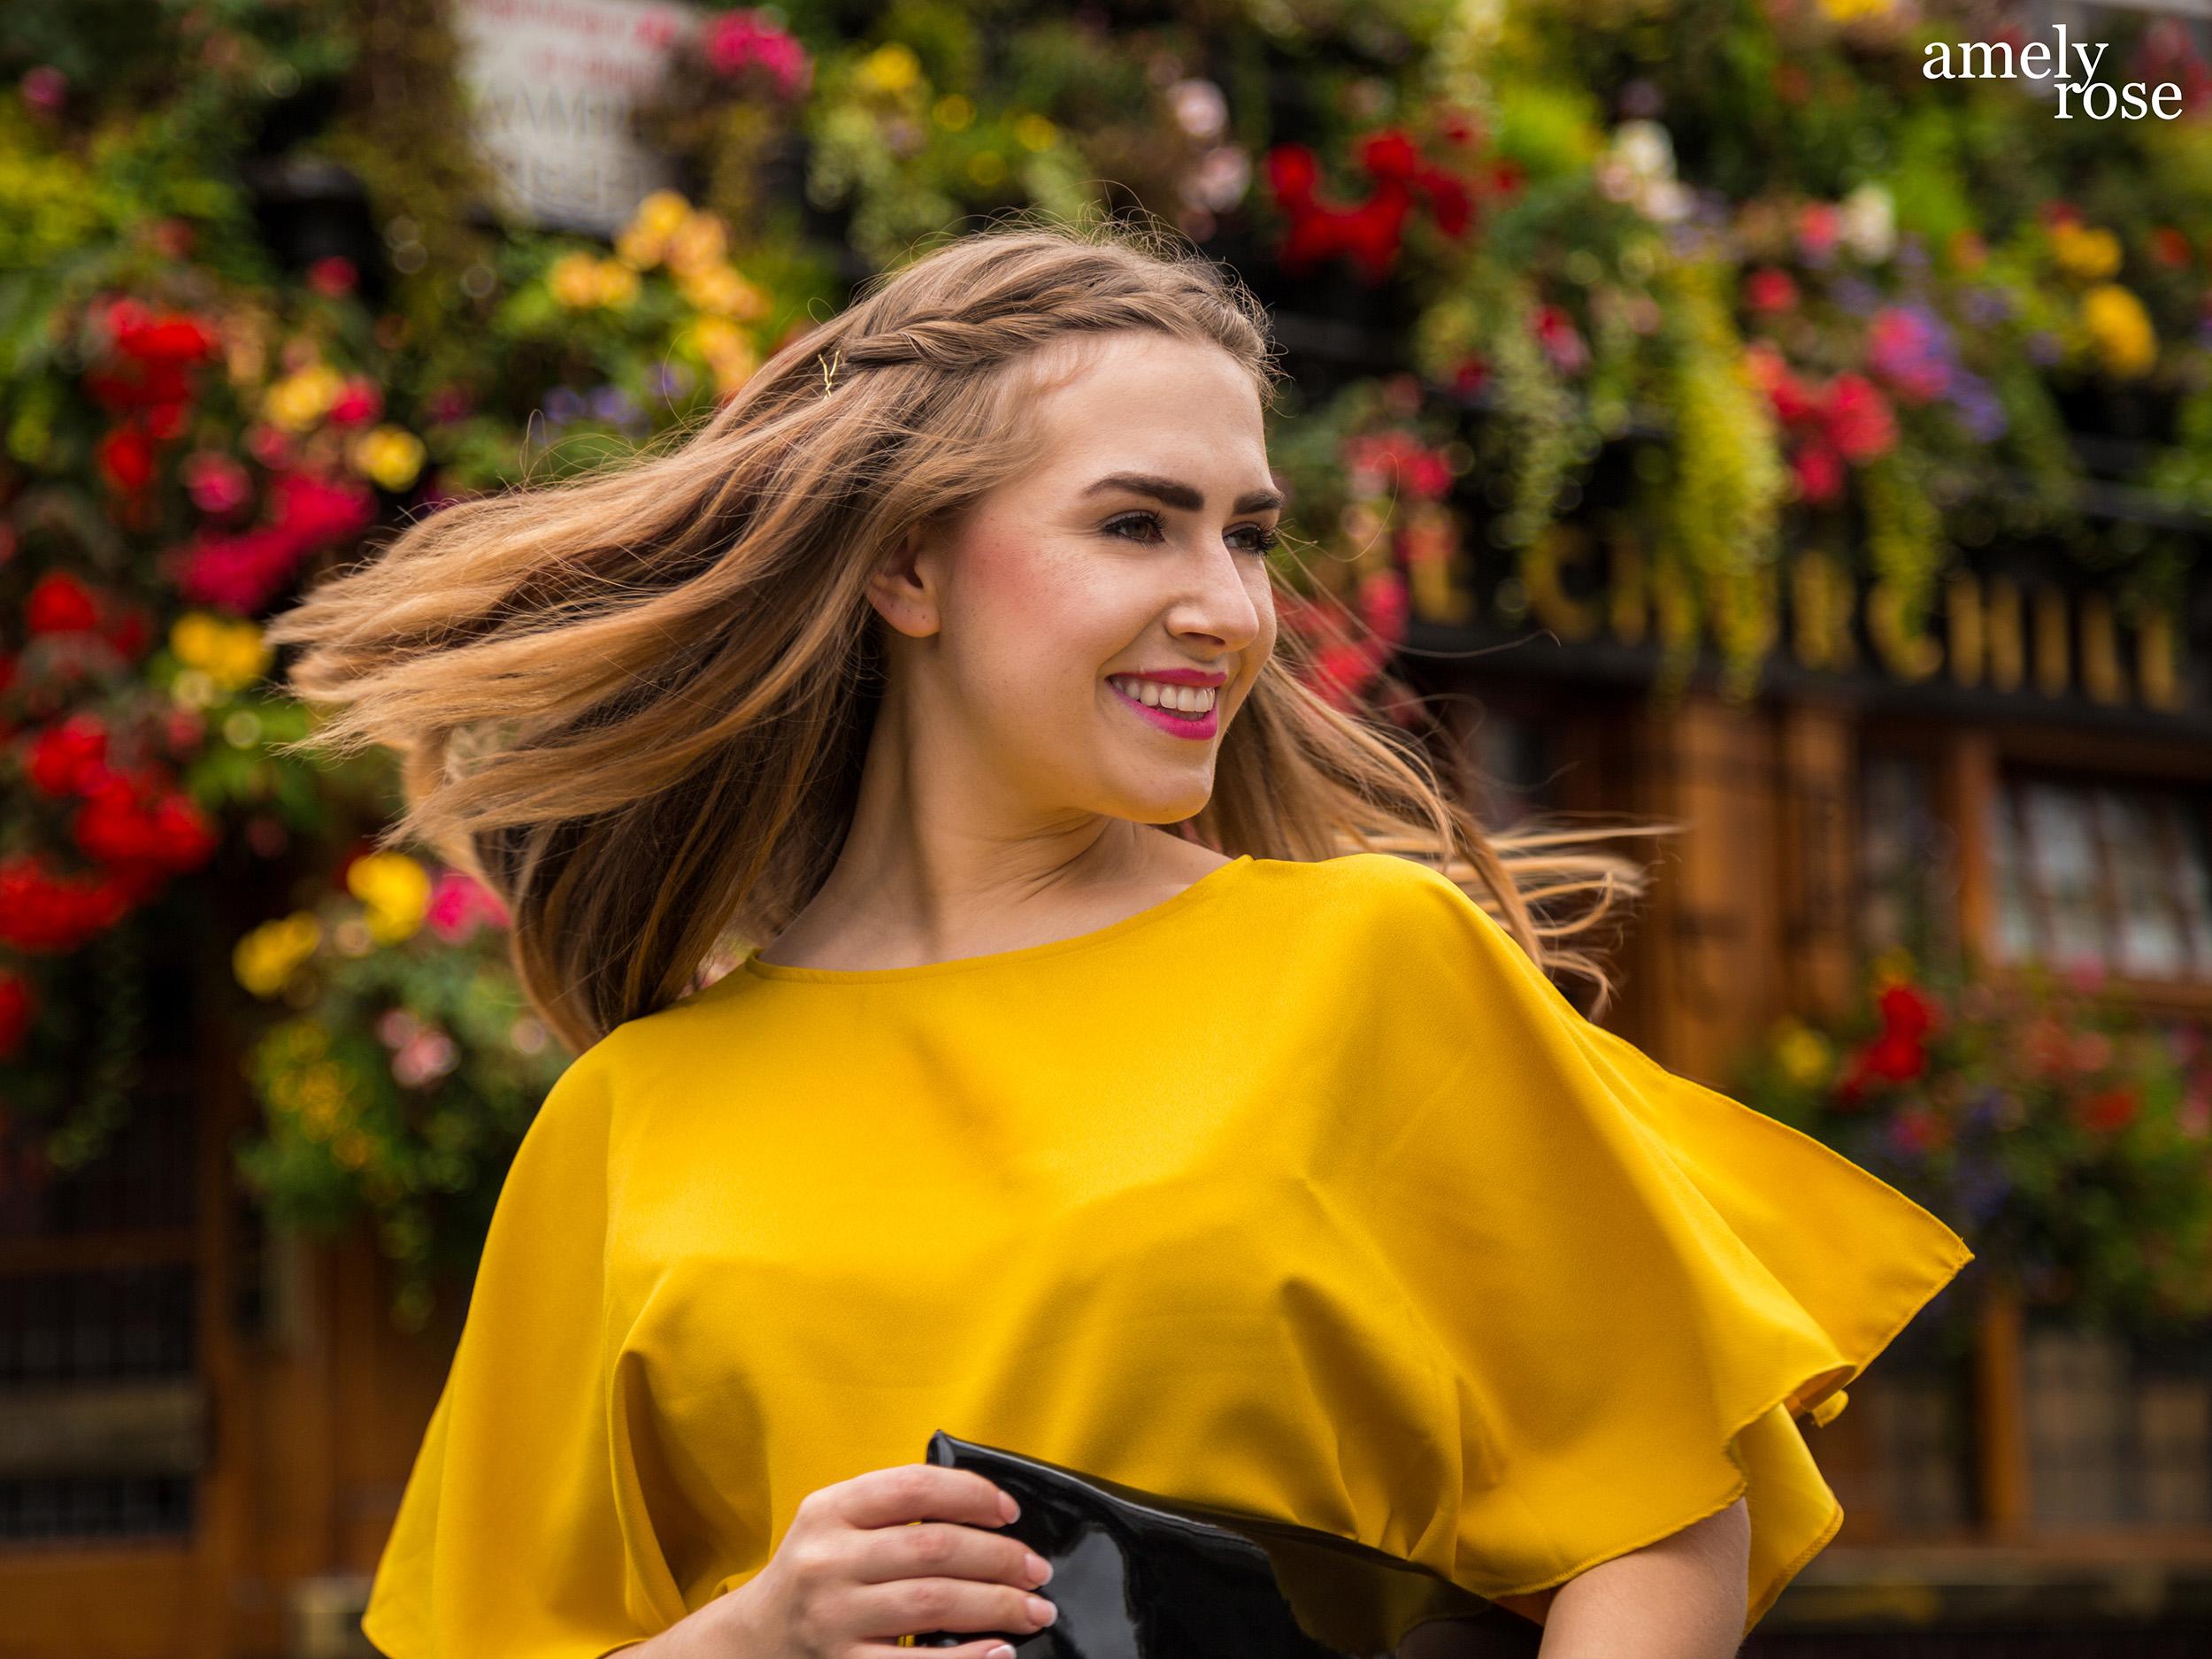 amely rose,german fashionblogger in einem gelben einteiler und einem sommerlook, zeigt ihr ootd zur lfw der londoner fashion week vor dem szeneviertel und pup churchillarms.